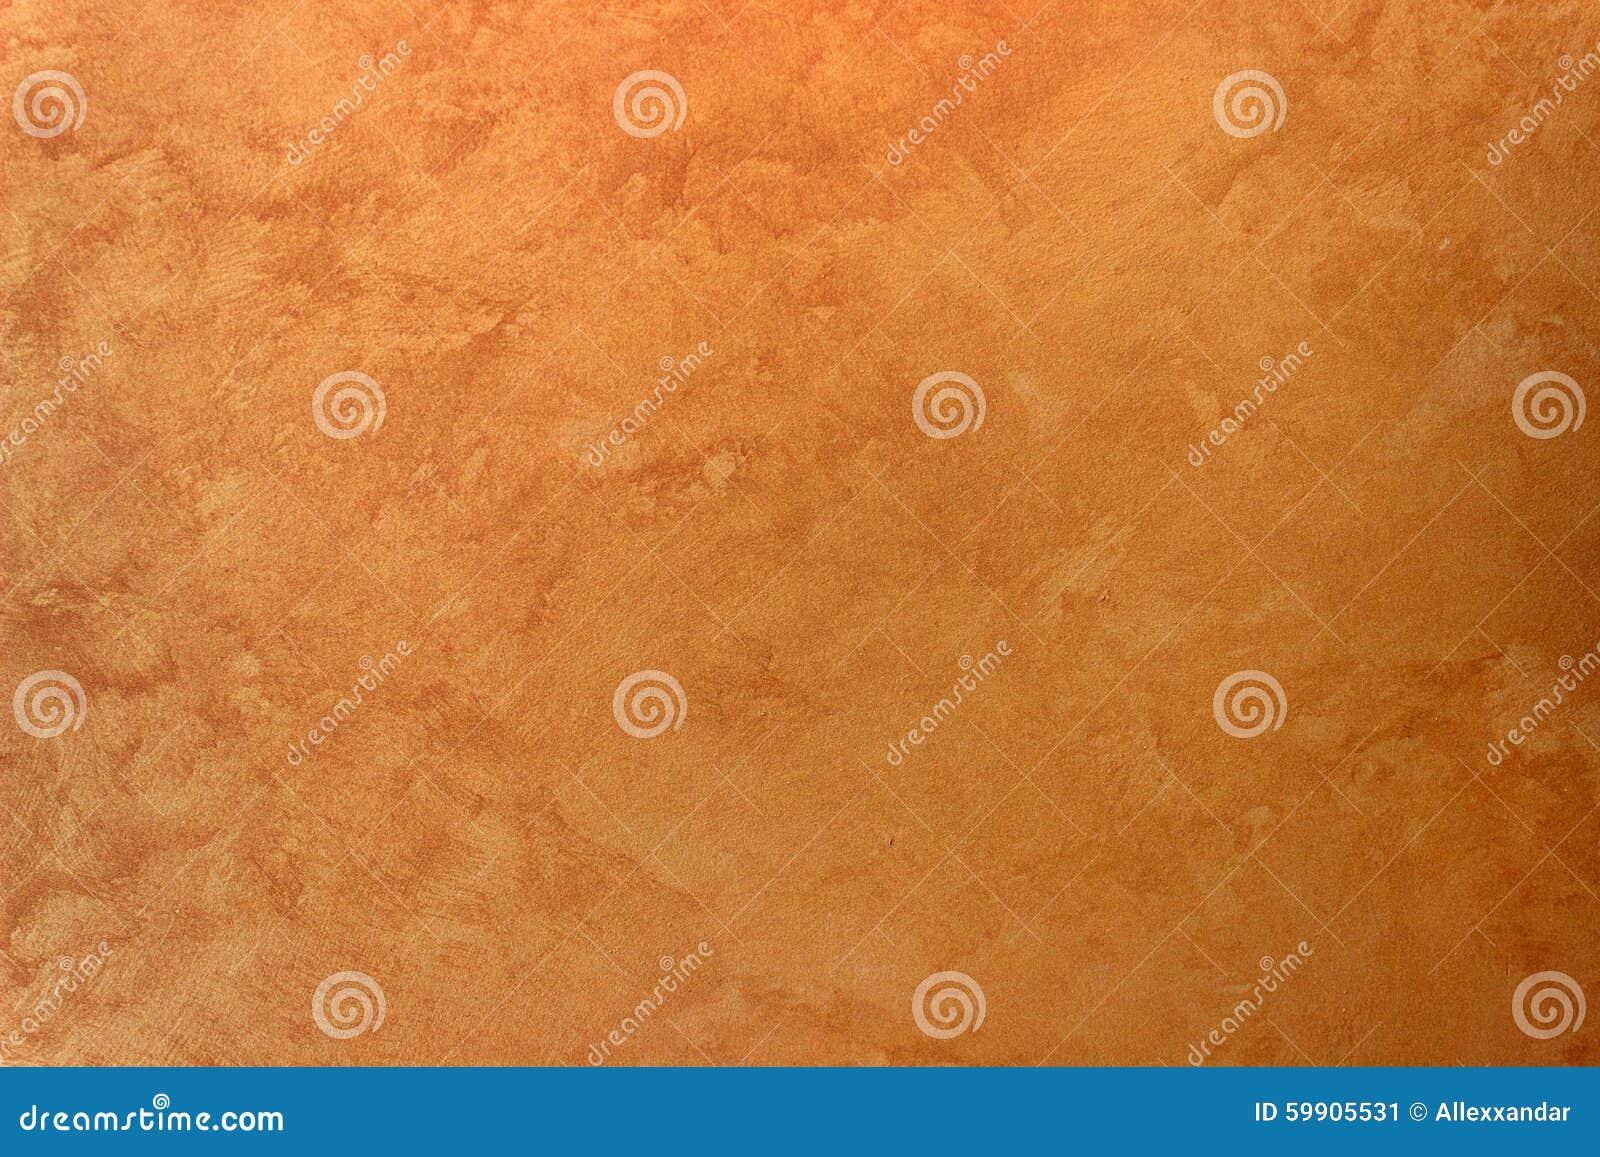 Pittura Effetto Intonaco Invecchiato muri il fondo di seta della pittura di effetto dell'oro